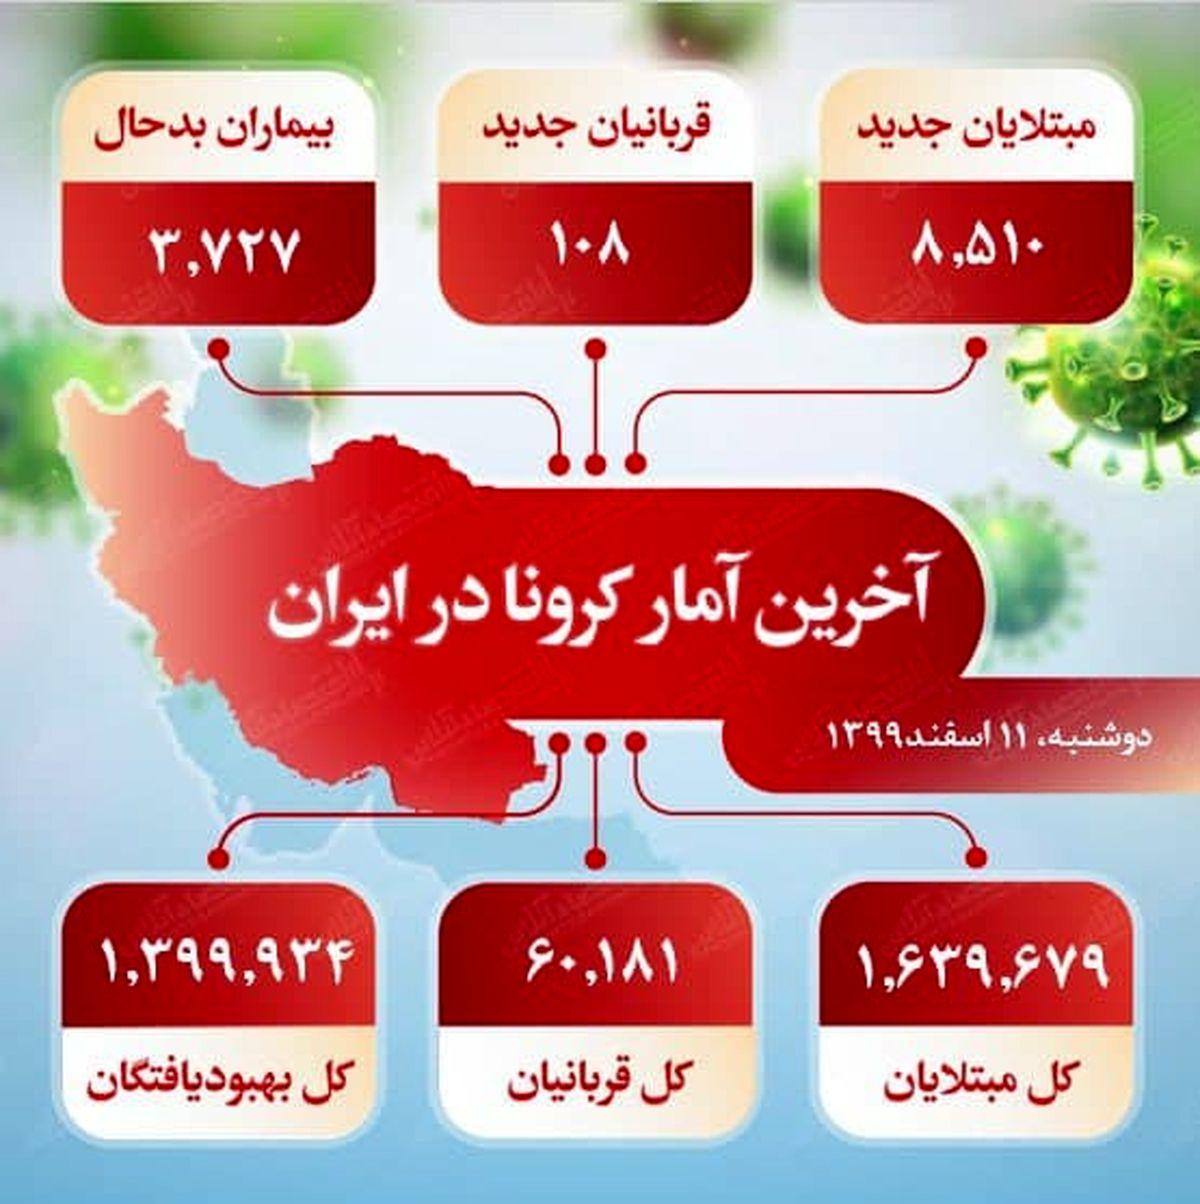 آخرین آمار کرونا در ایران (۹۹/۱۲/۱۱)